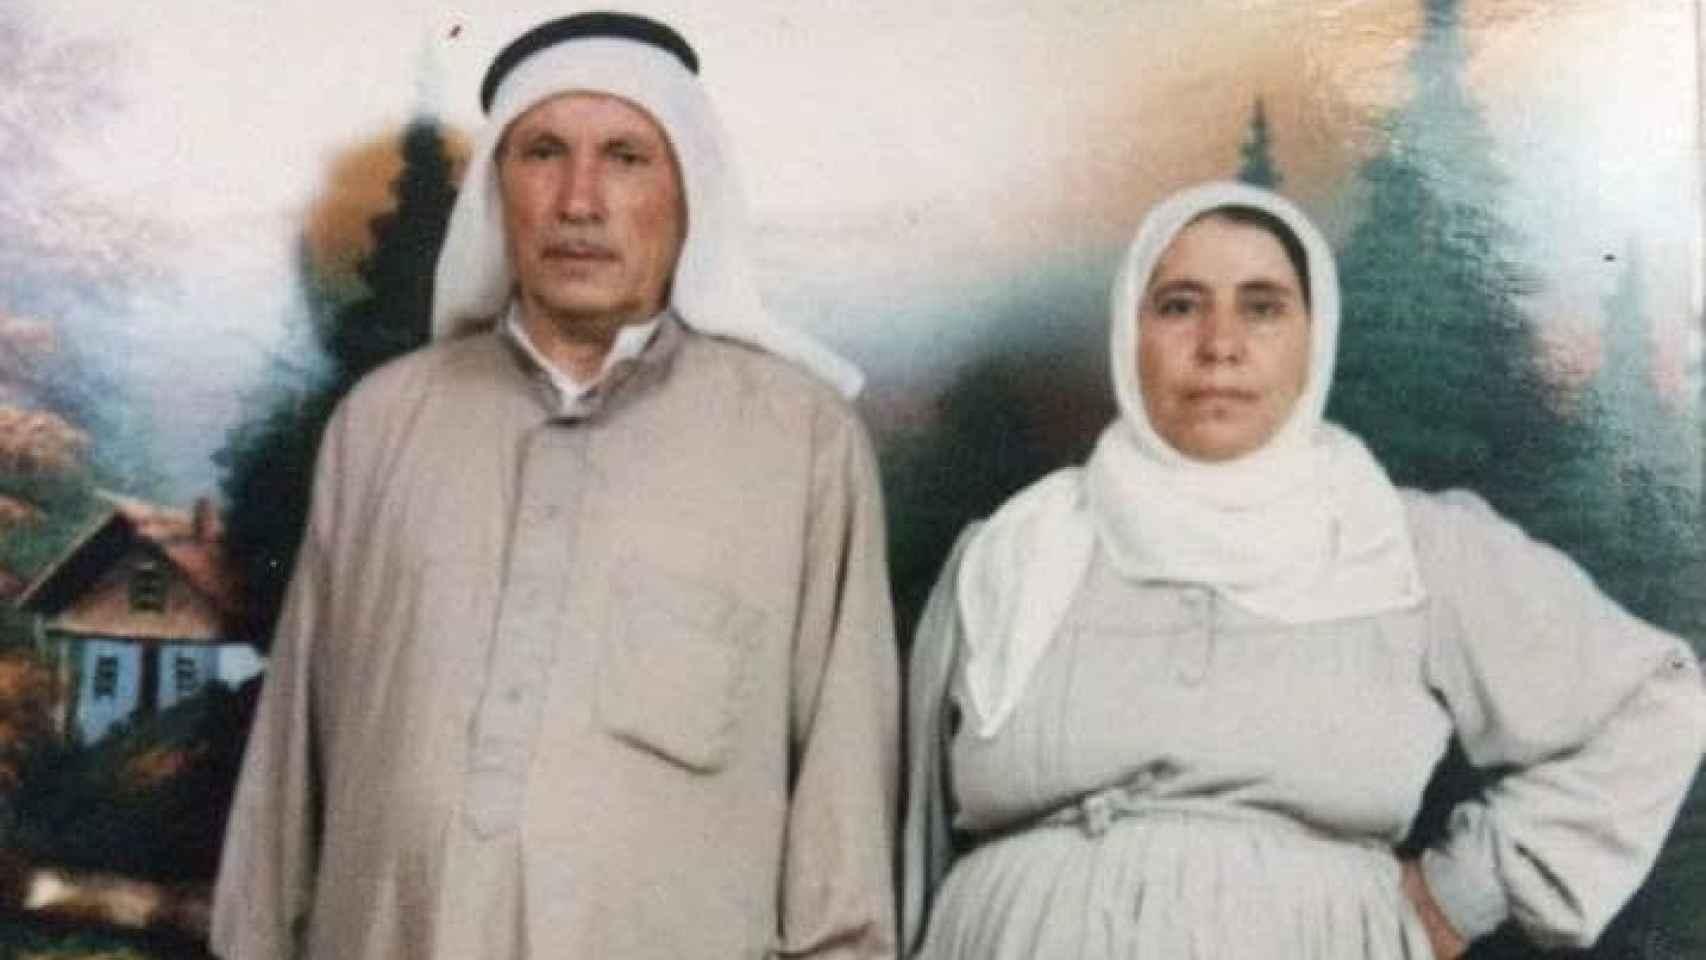 Los padres de Nujeen, ahora refugiados en Turquía, en una imagen de archivo.